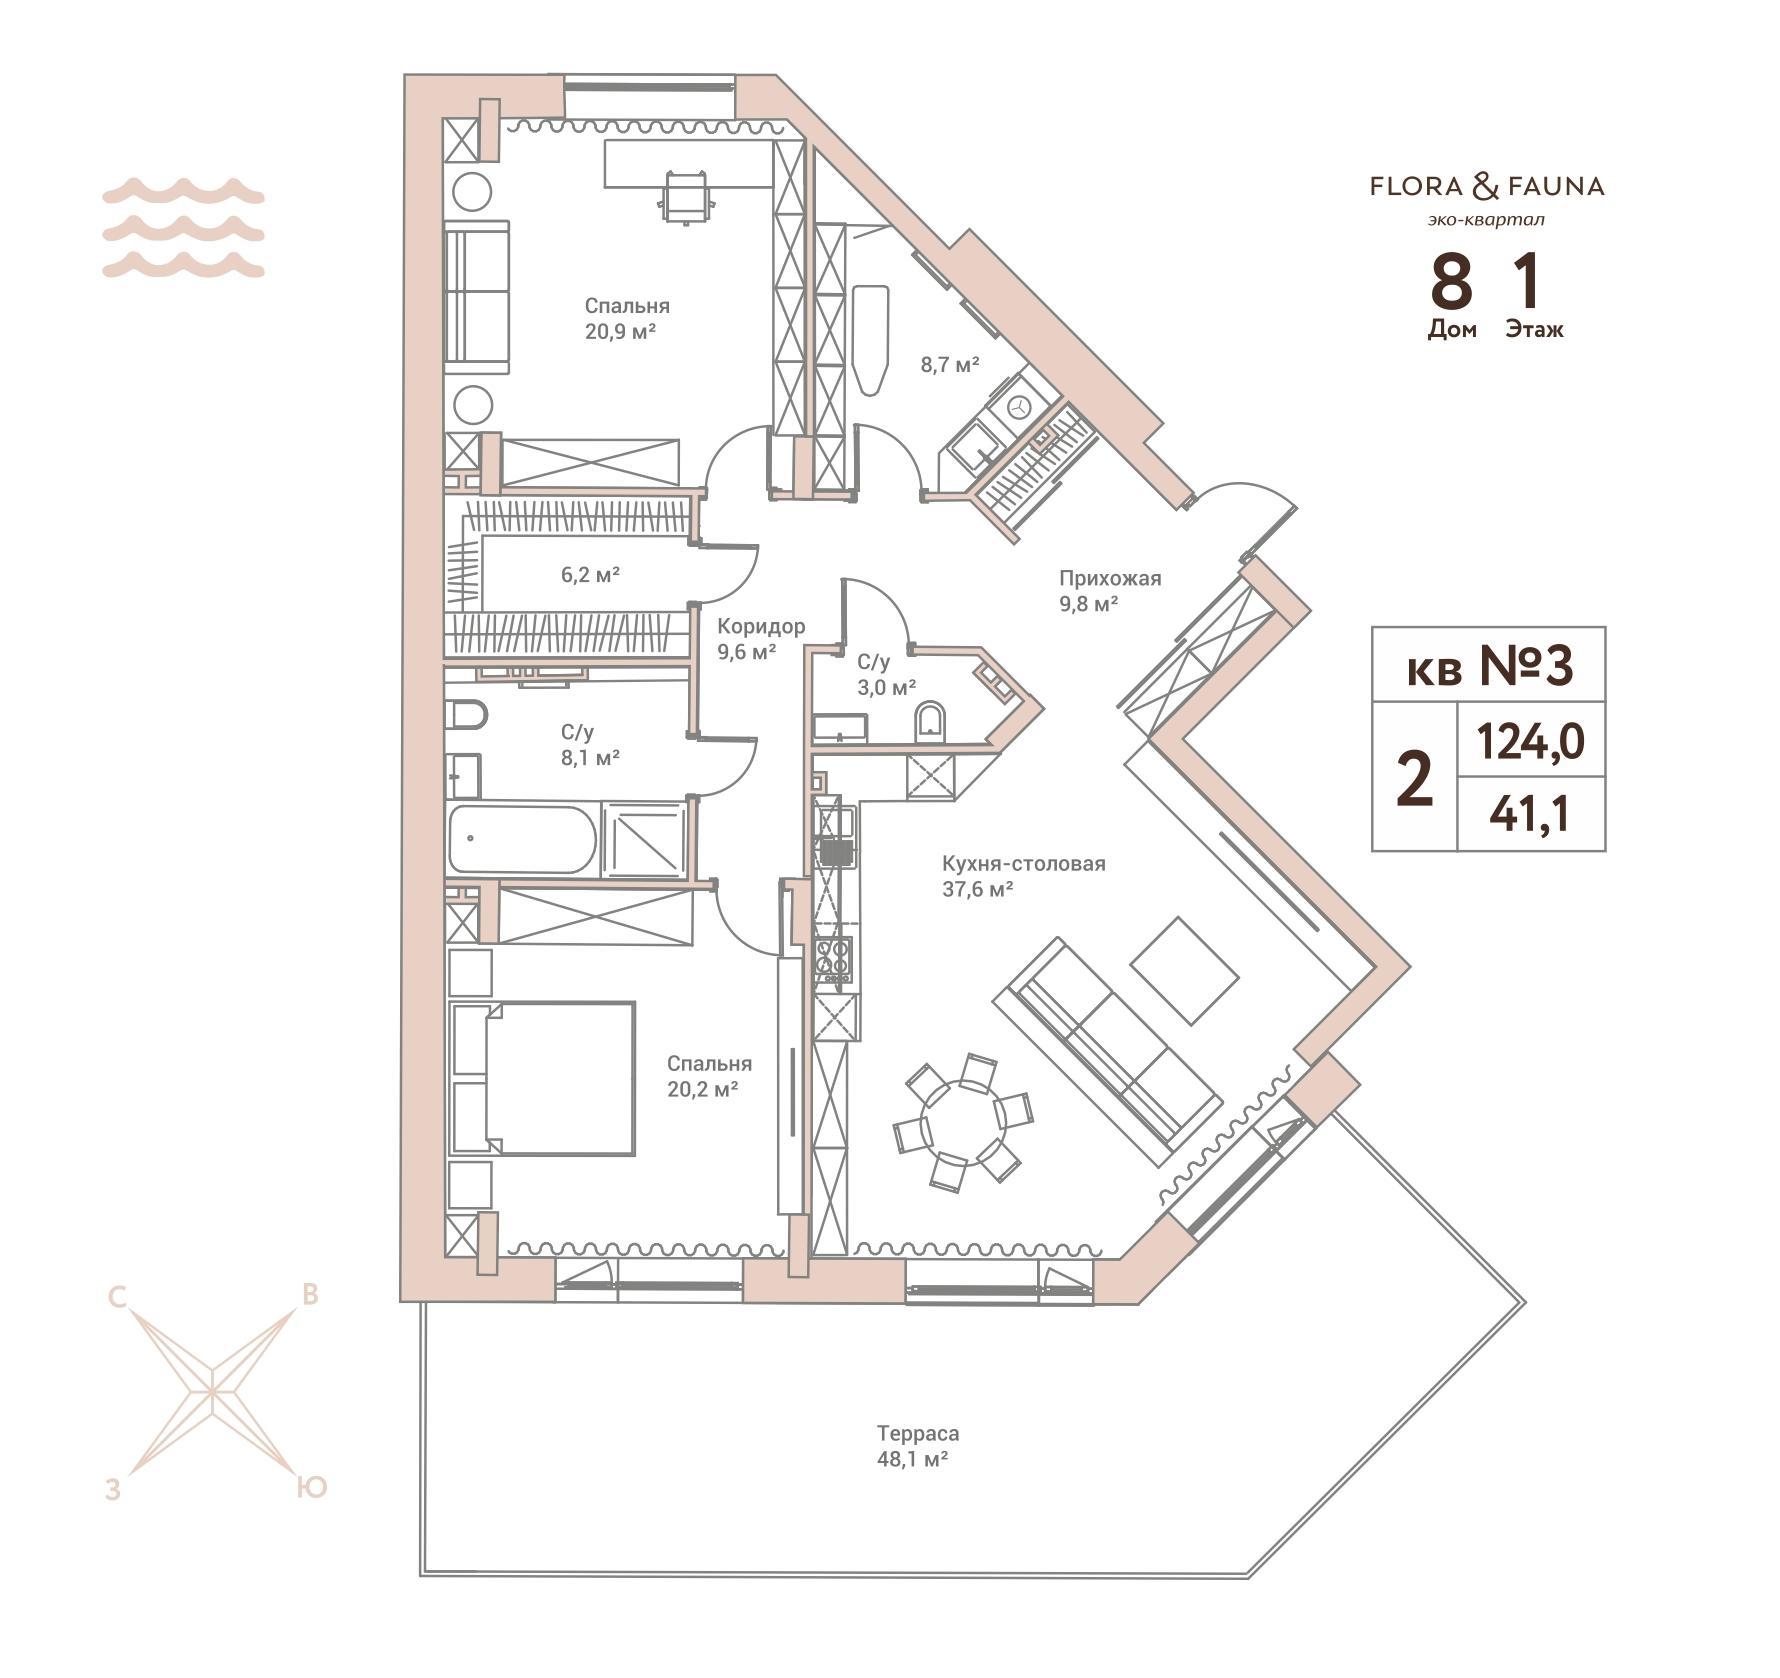 Планировка 3-комн. студия площадью 124 м<sup>2</sup> в ЖК Flora & Fauna